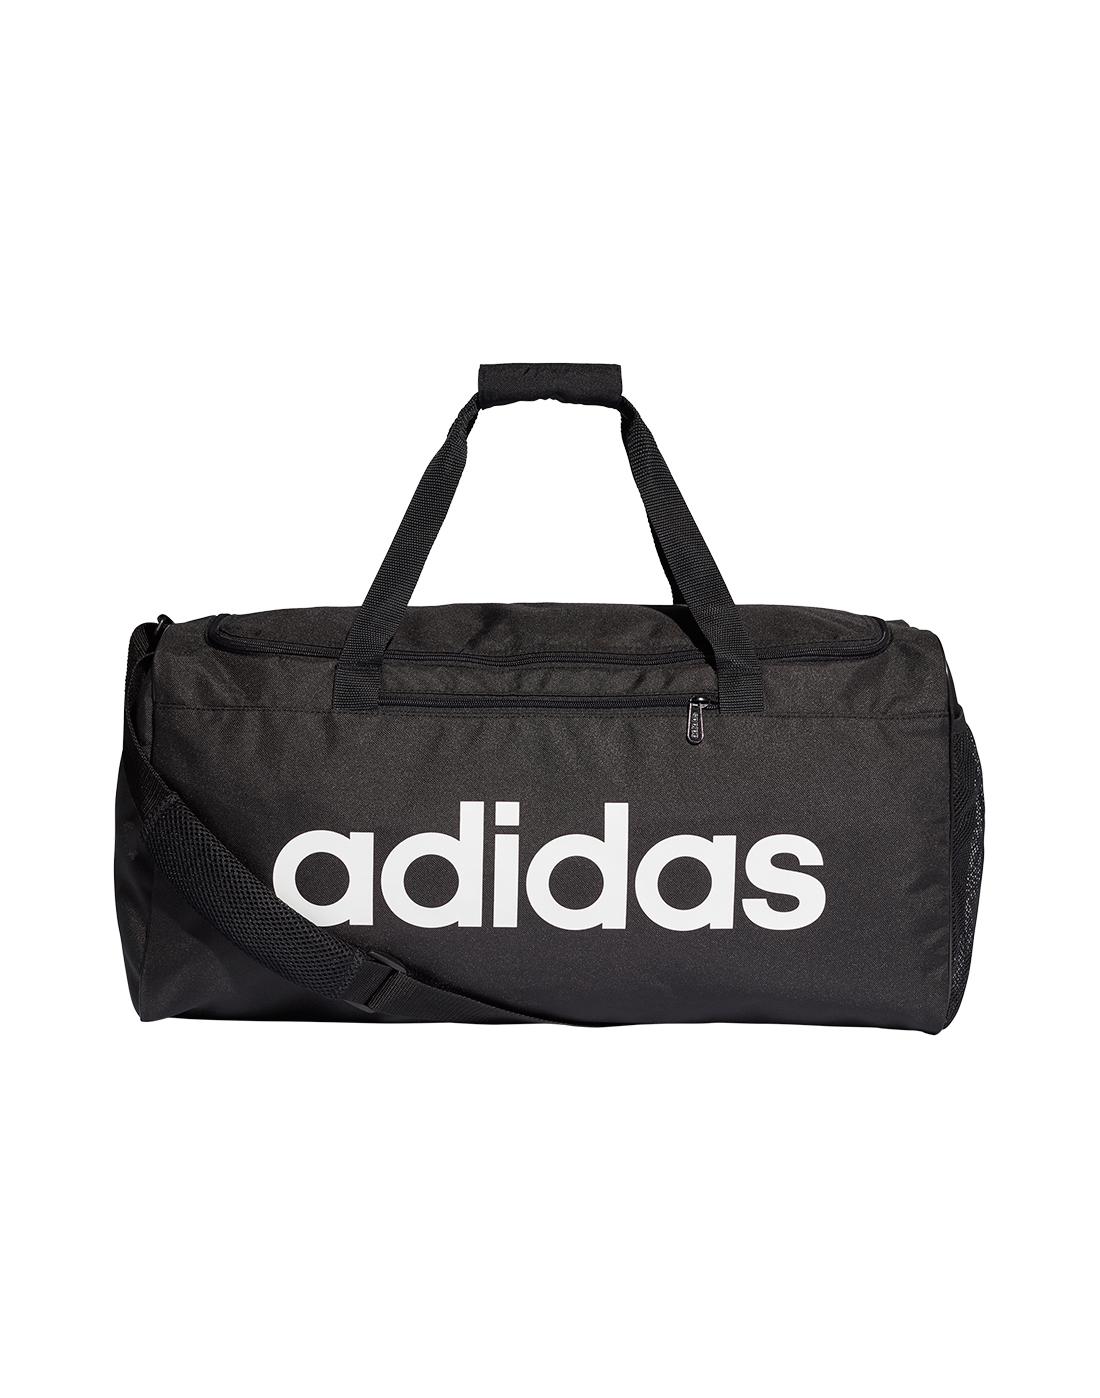 412efcd241 adidas Linear Core Medium Duffel Bag